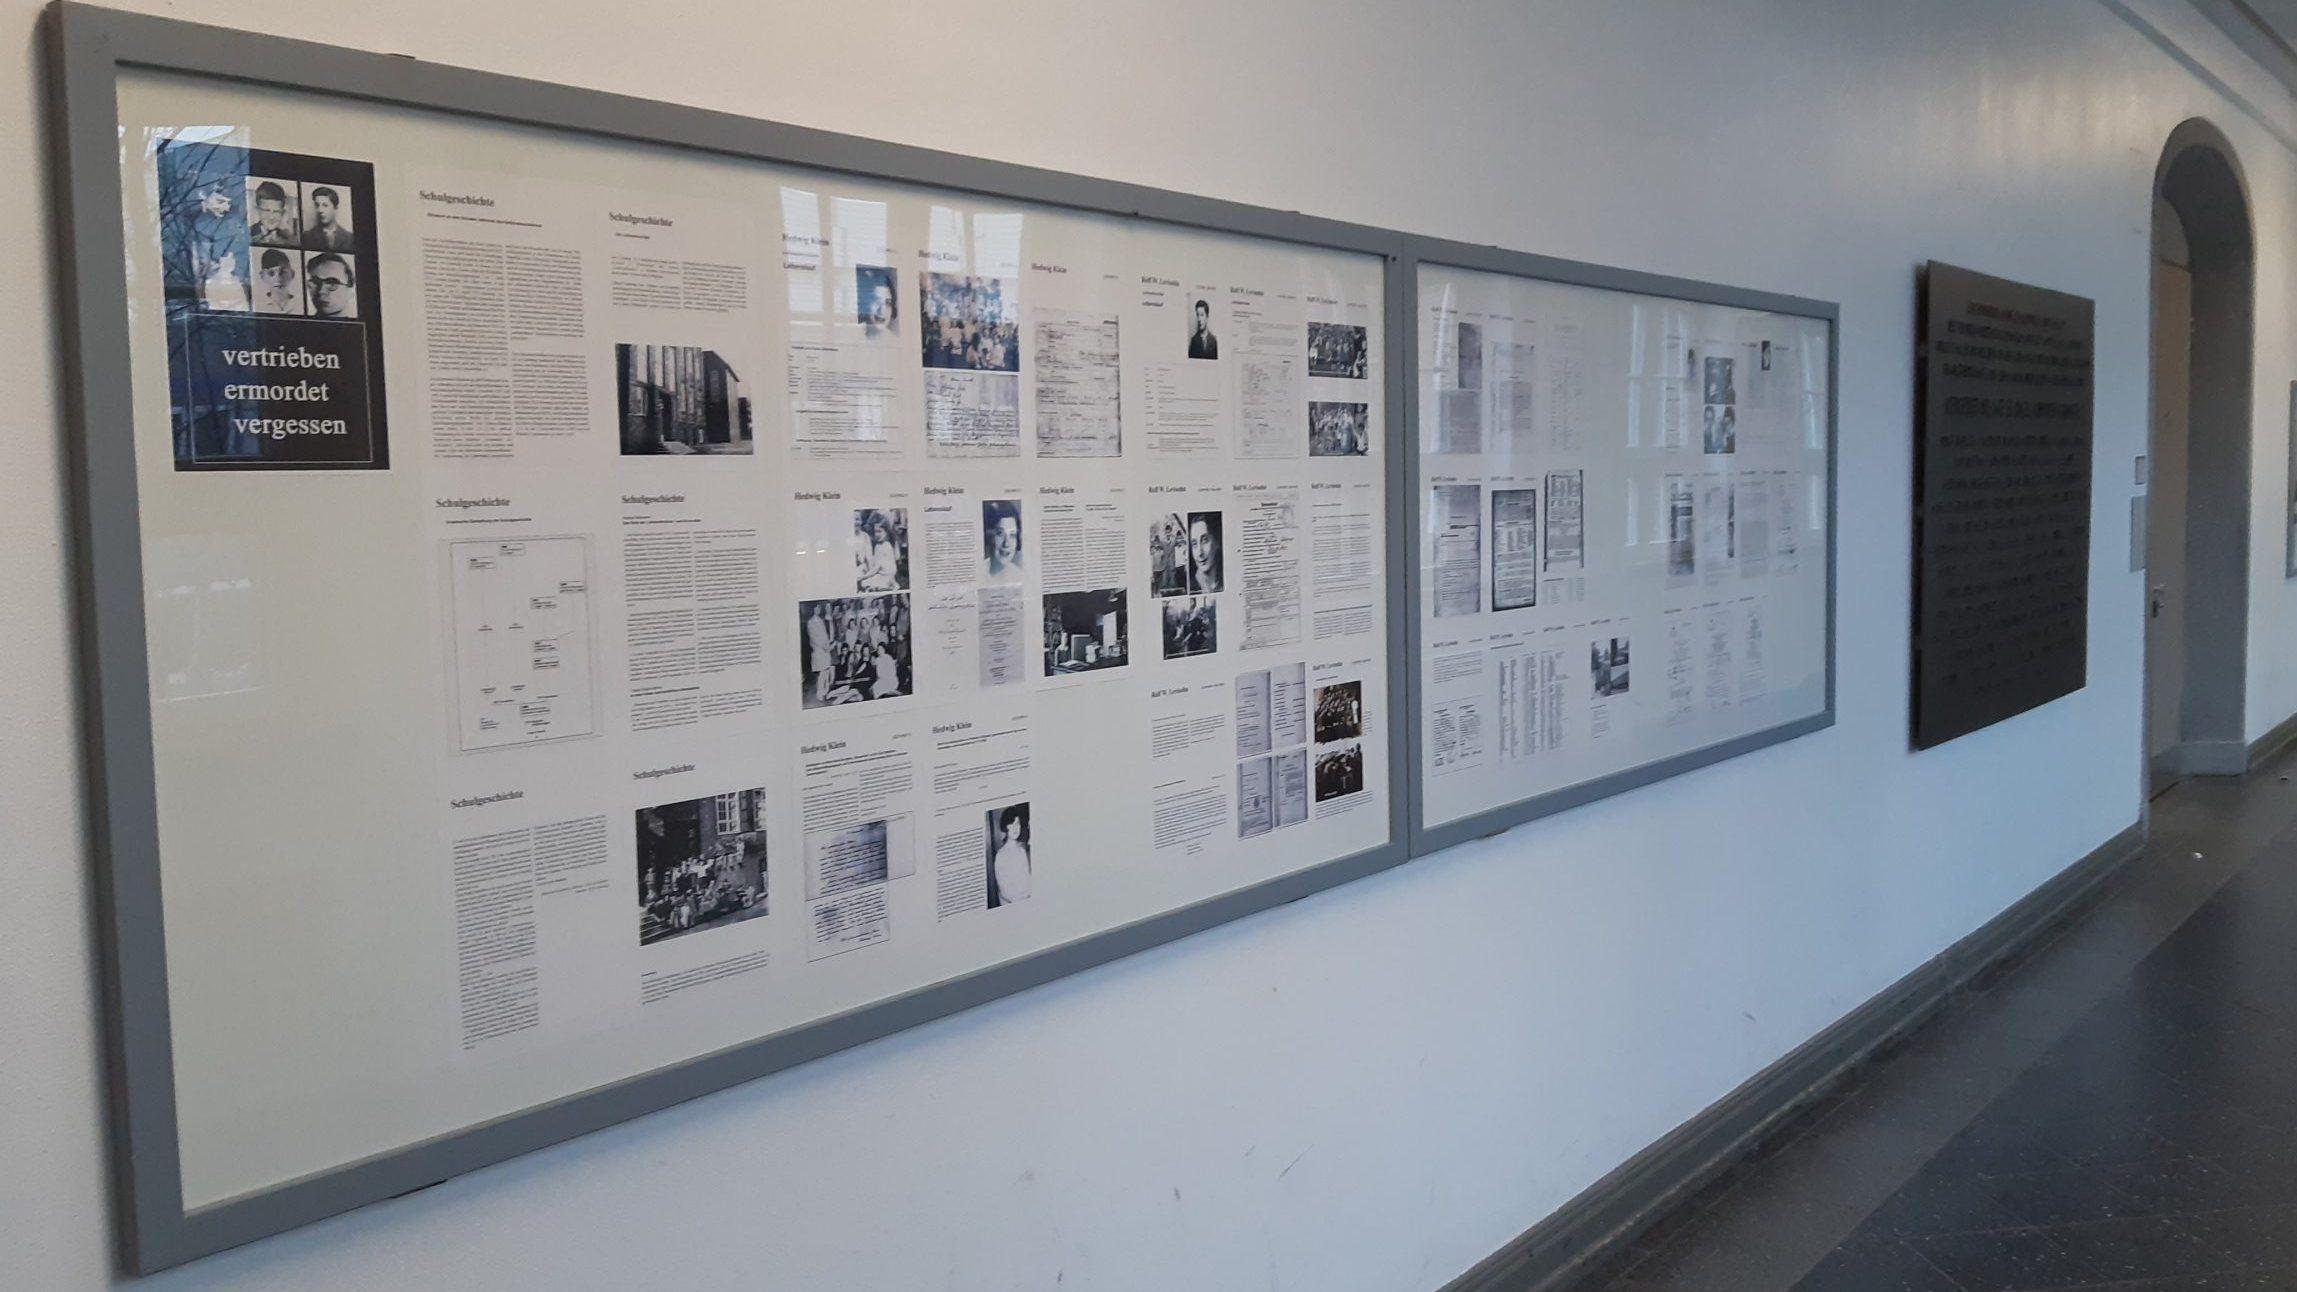 An einer Wand sind Bilder und Texte ausgestellt